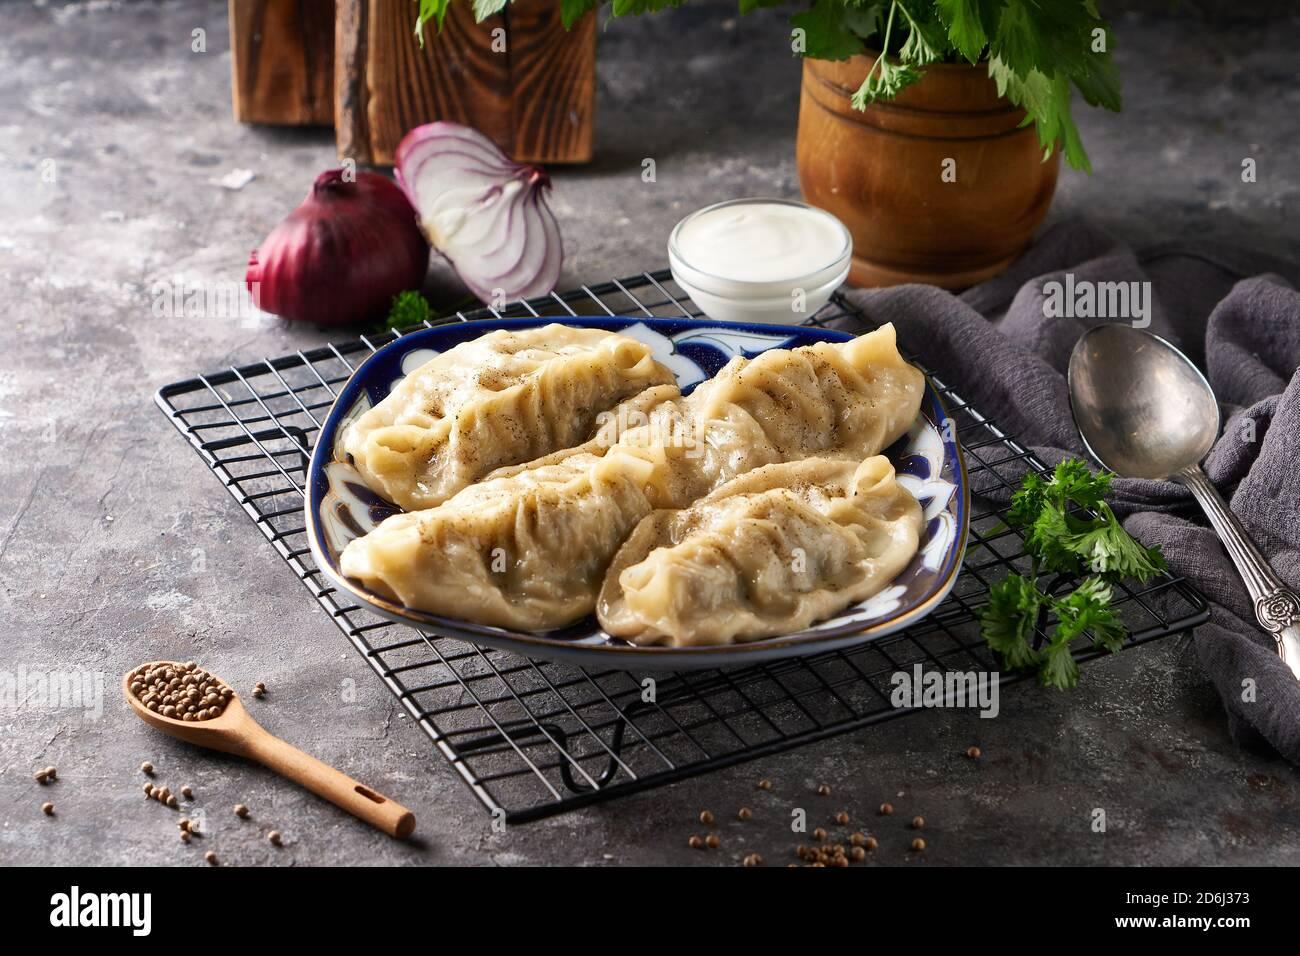 Tradizionali Manti aziani, gnocchi con carne macinata Foto Stock